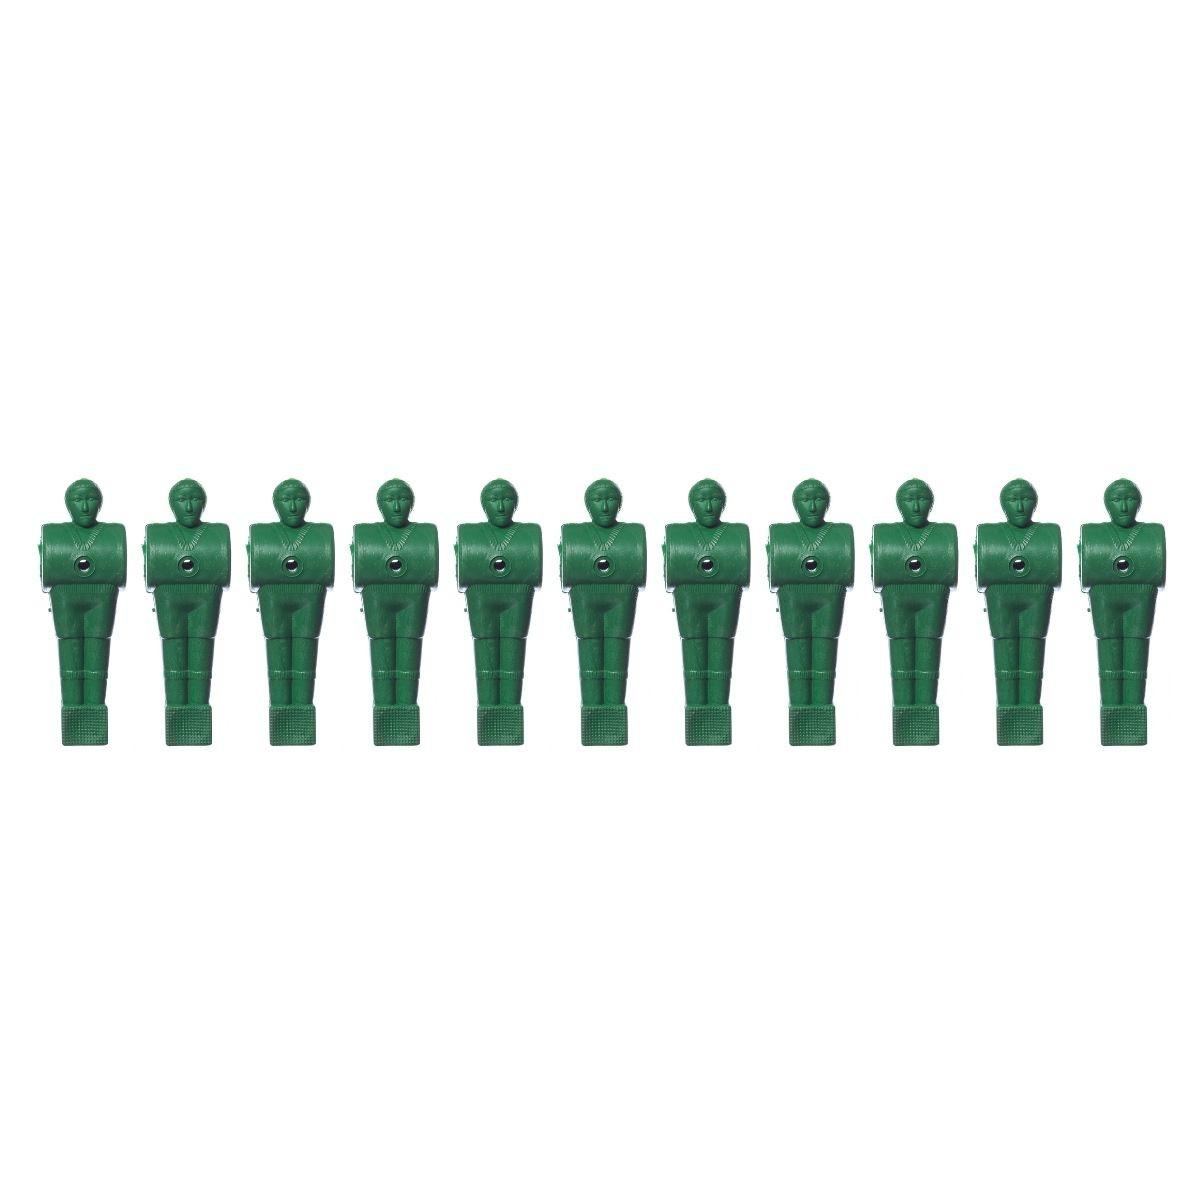 Bonecos Pebolim / Totó verde - 11 unidades